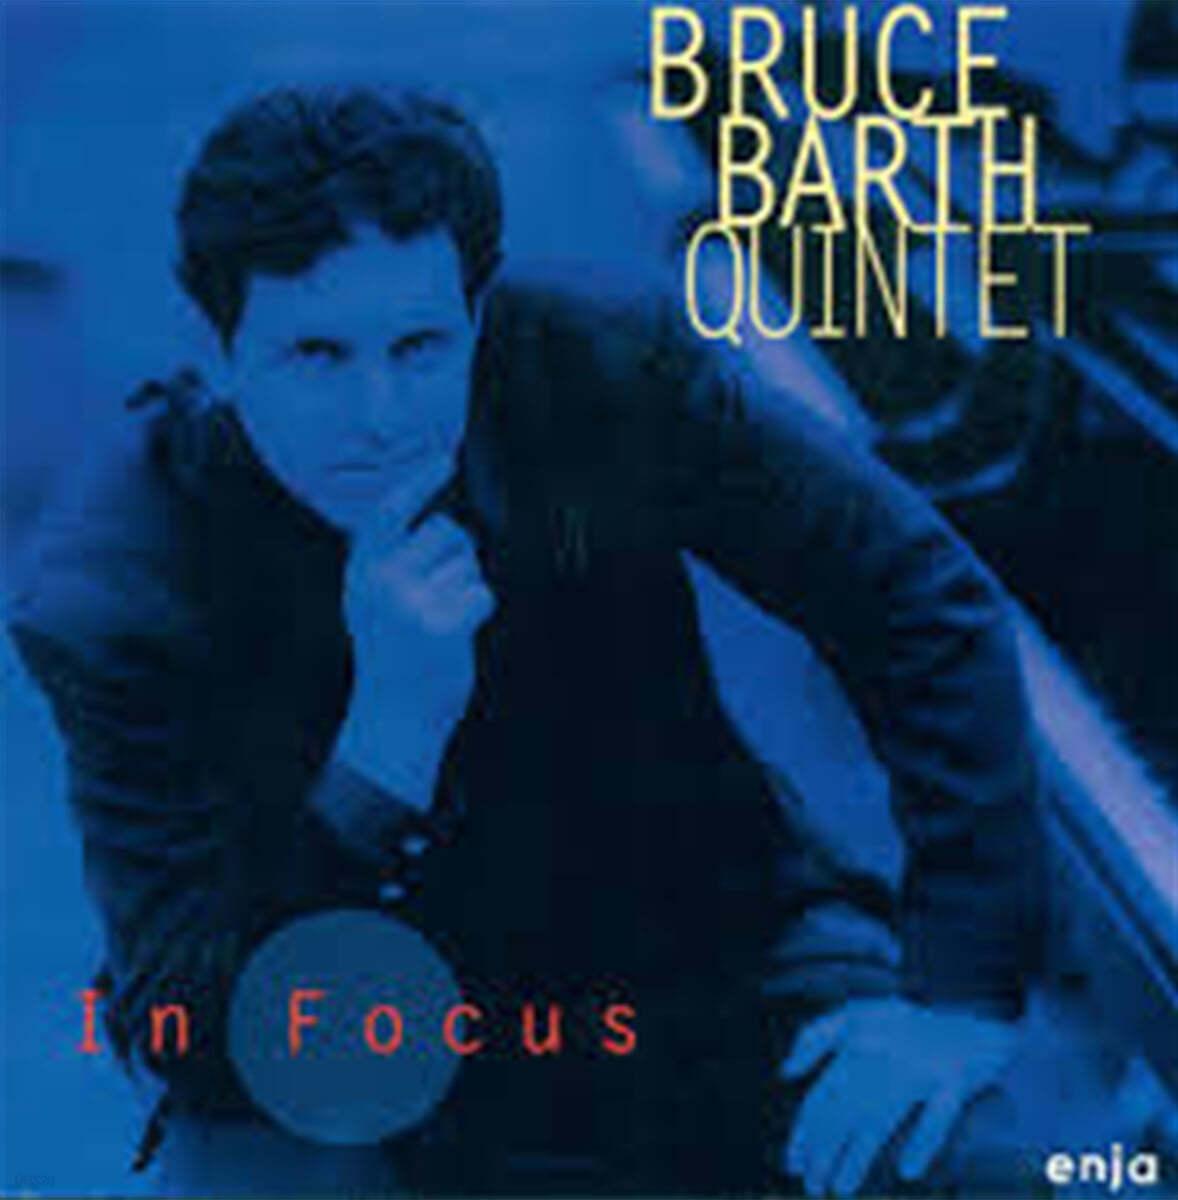 Bruce Barth Quintet (브루스 바스 퀸텟) - In Focus